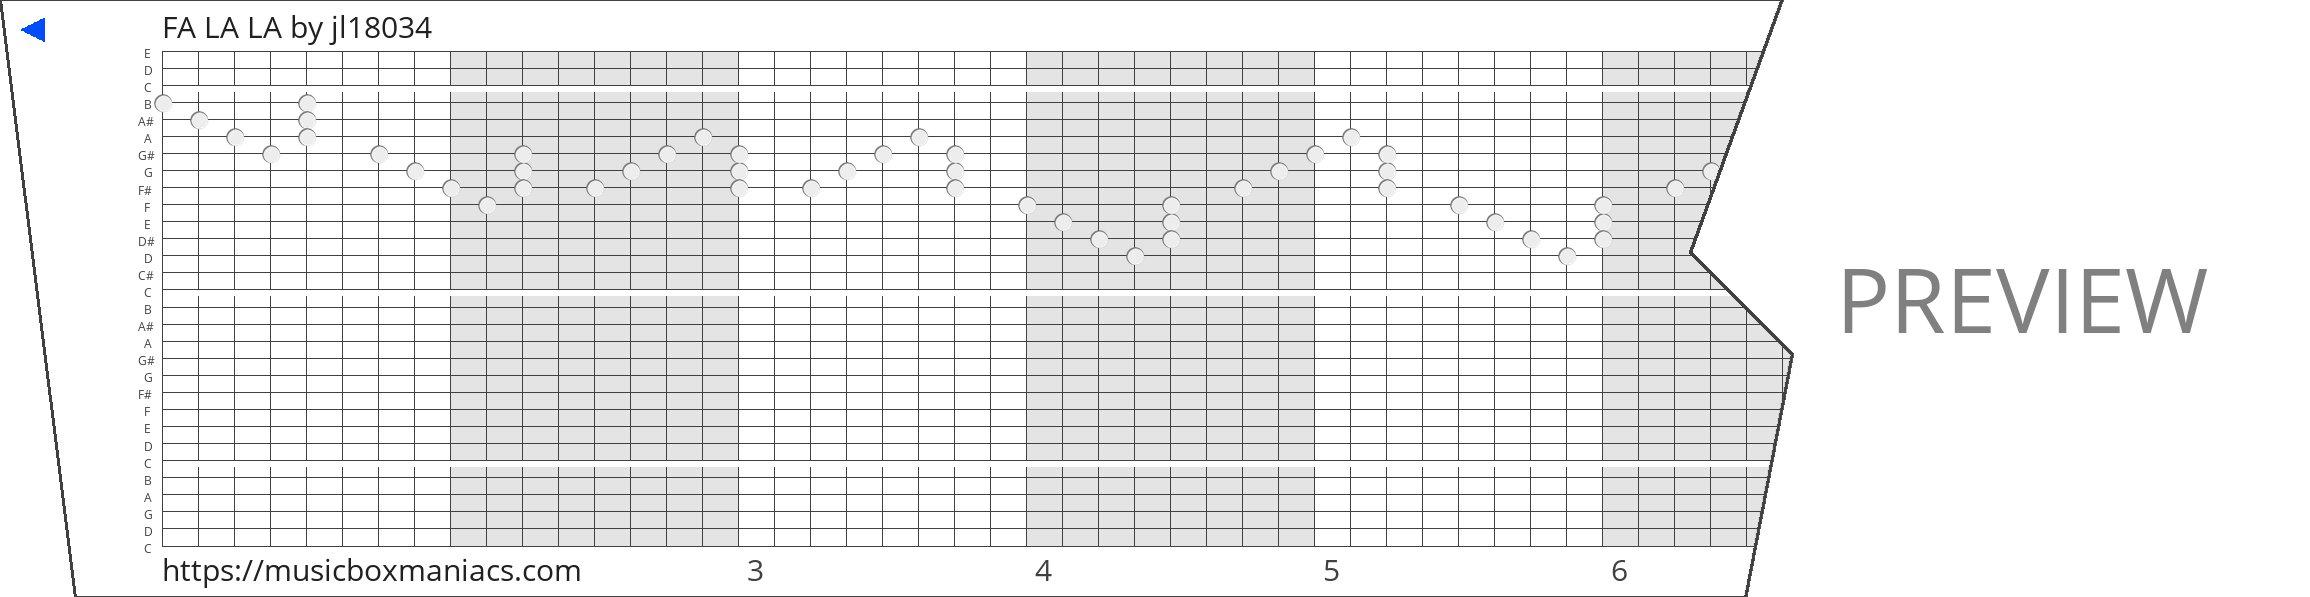 FA LA LA 30 note music box paper strip